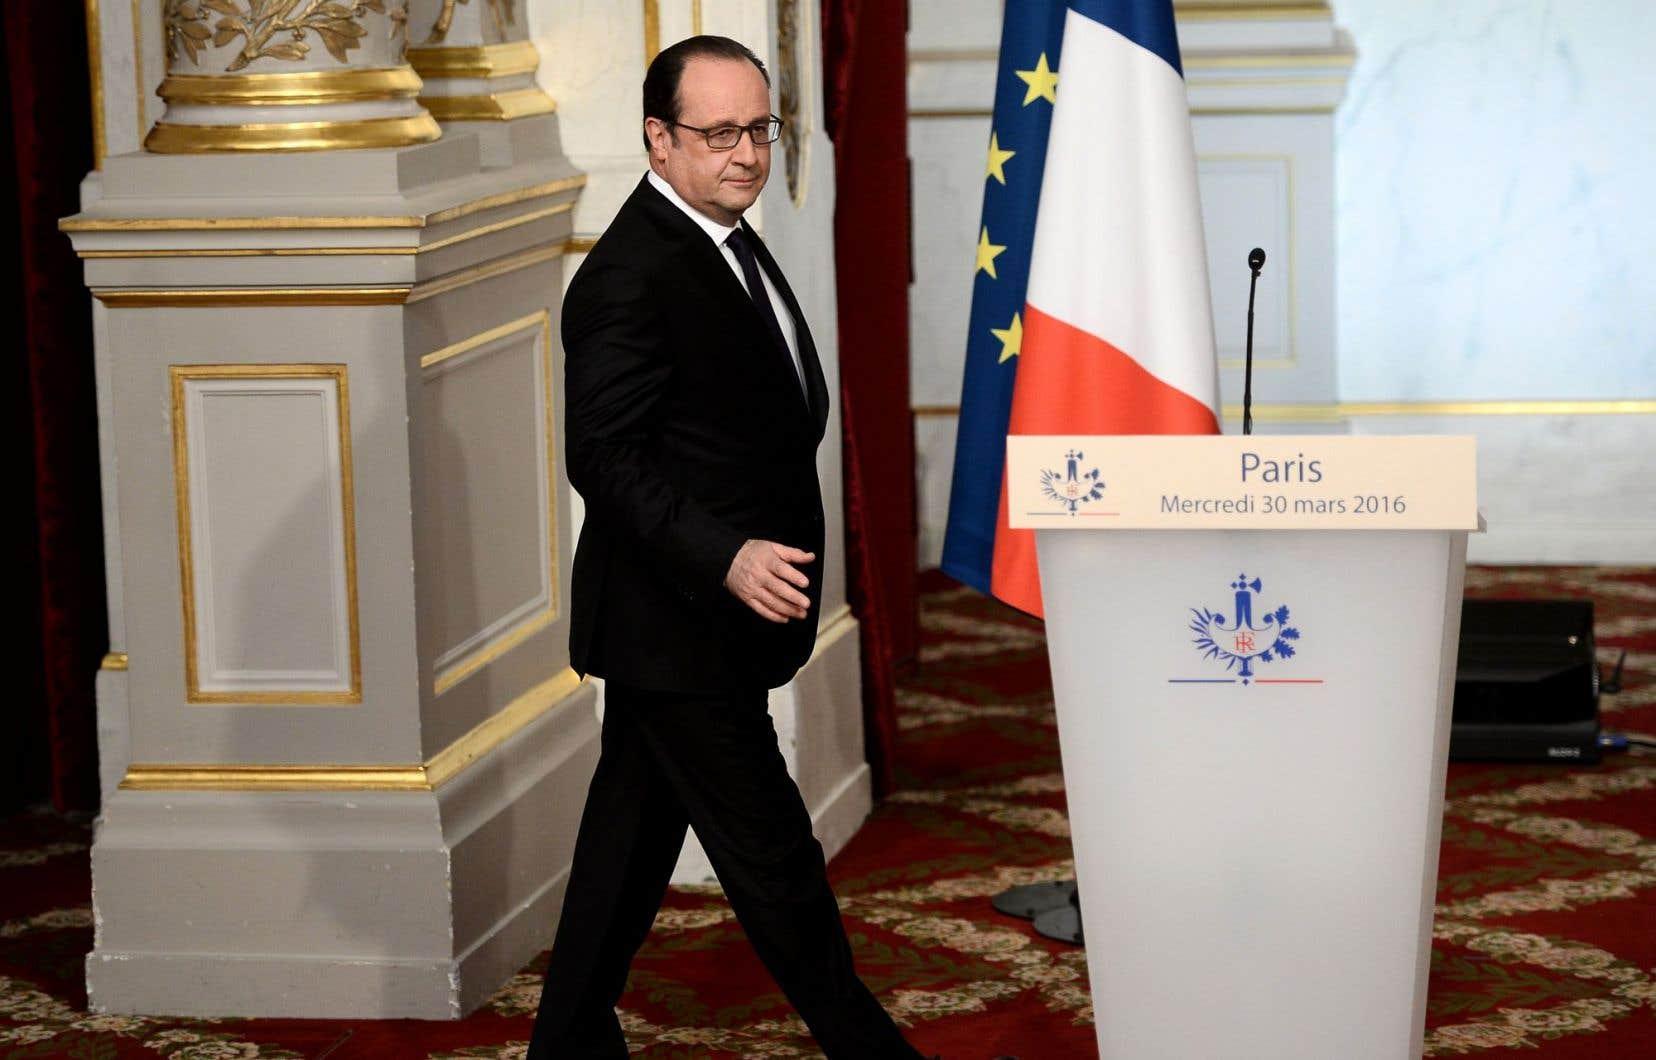 Le président français, François Hollande, s'apprête à annoncer l'abandon du projet de réforme de la Constitution.